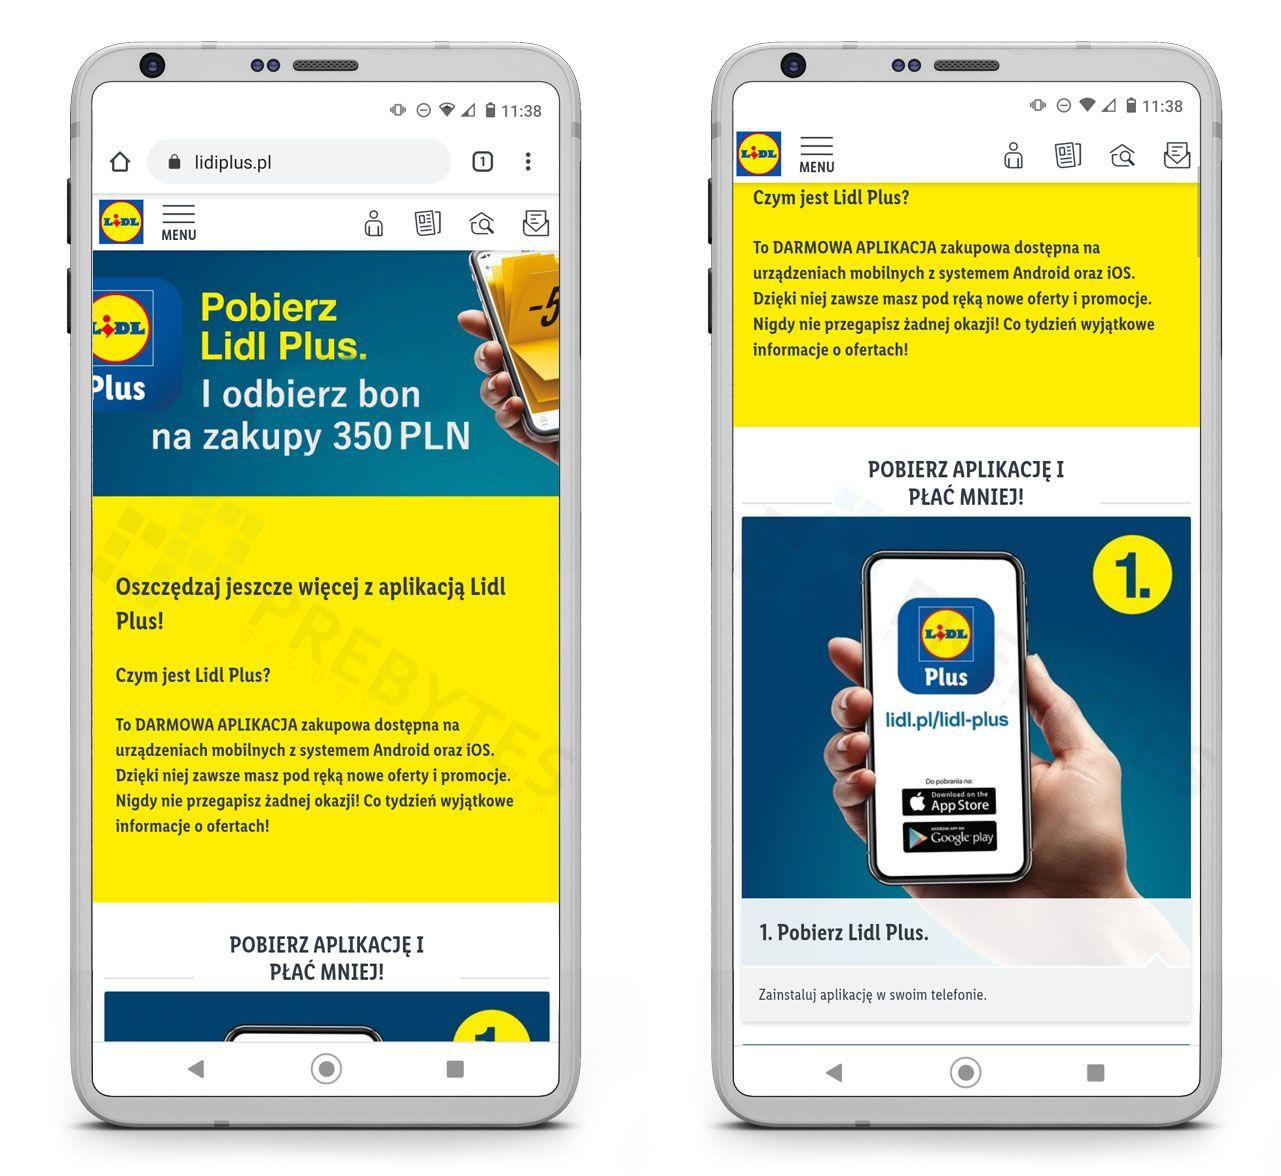 Fałszywa strona pobrania aplikacji Lidl Plus